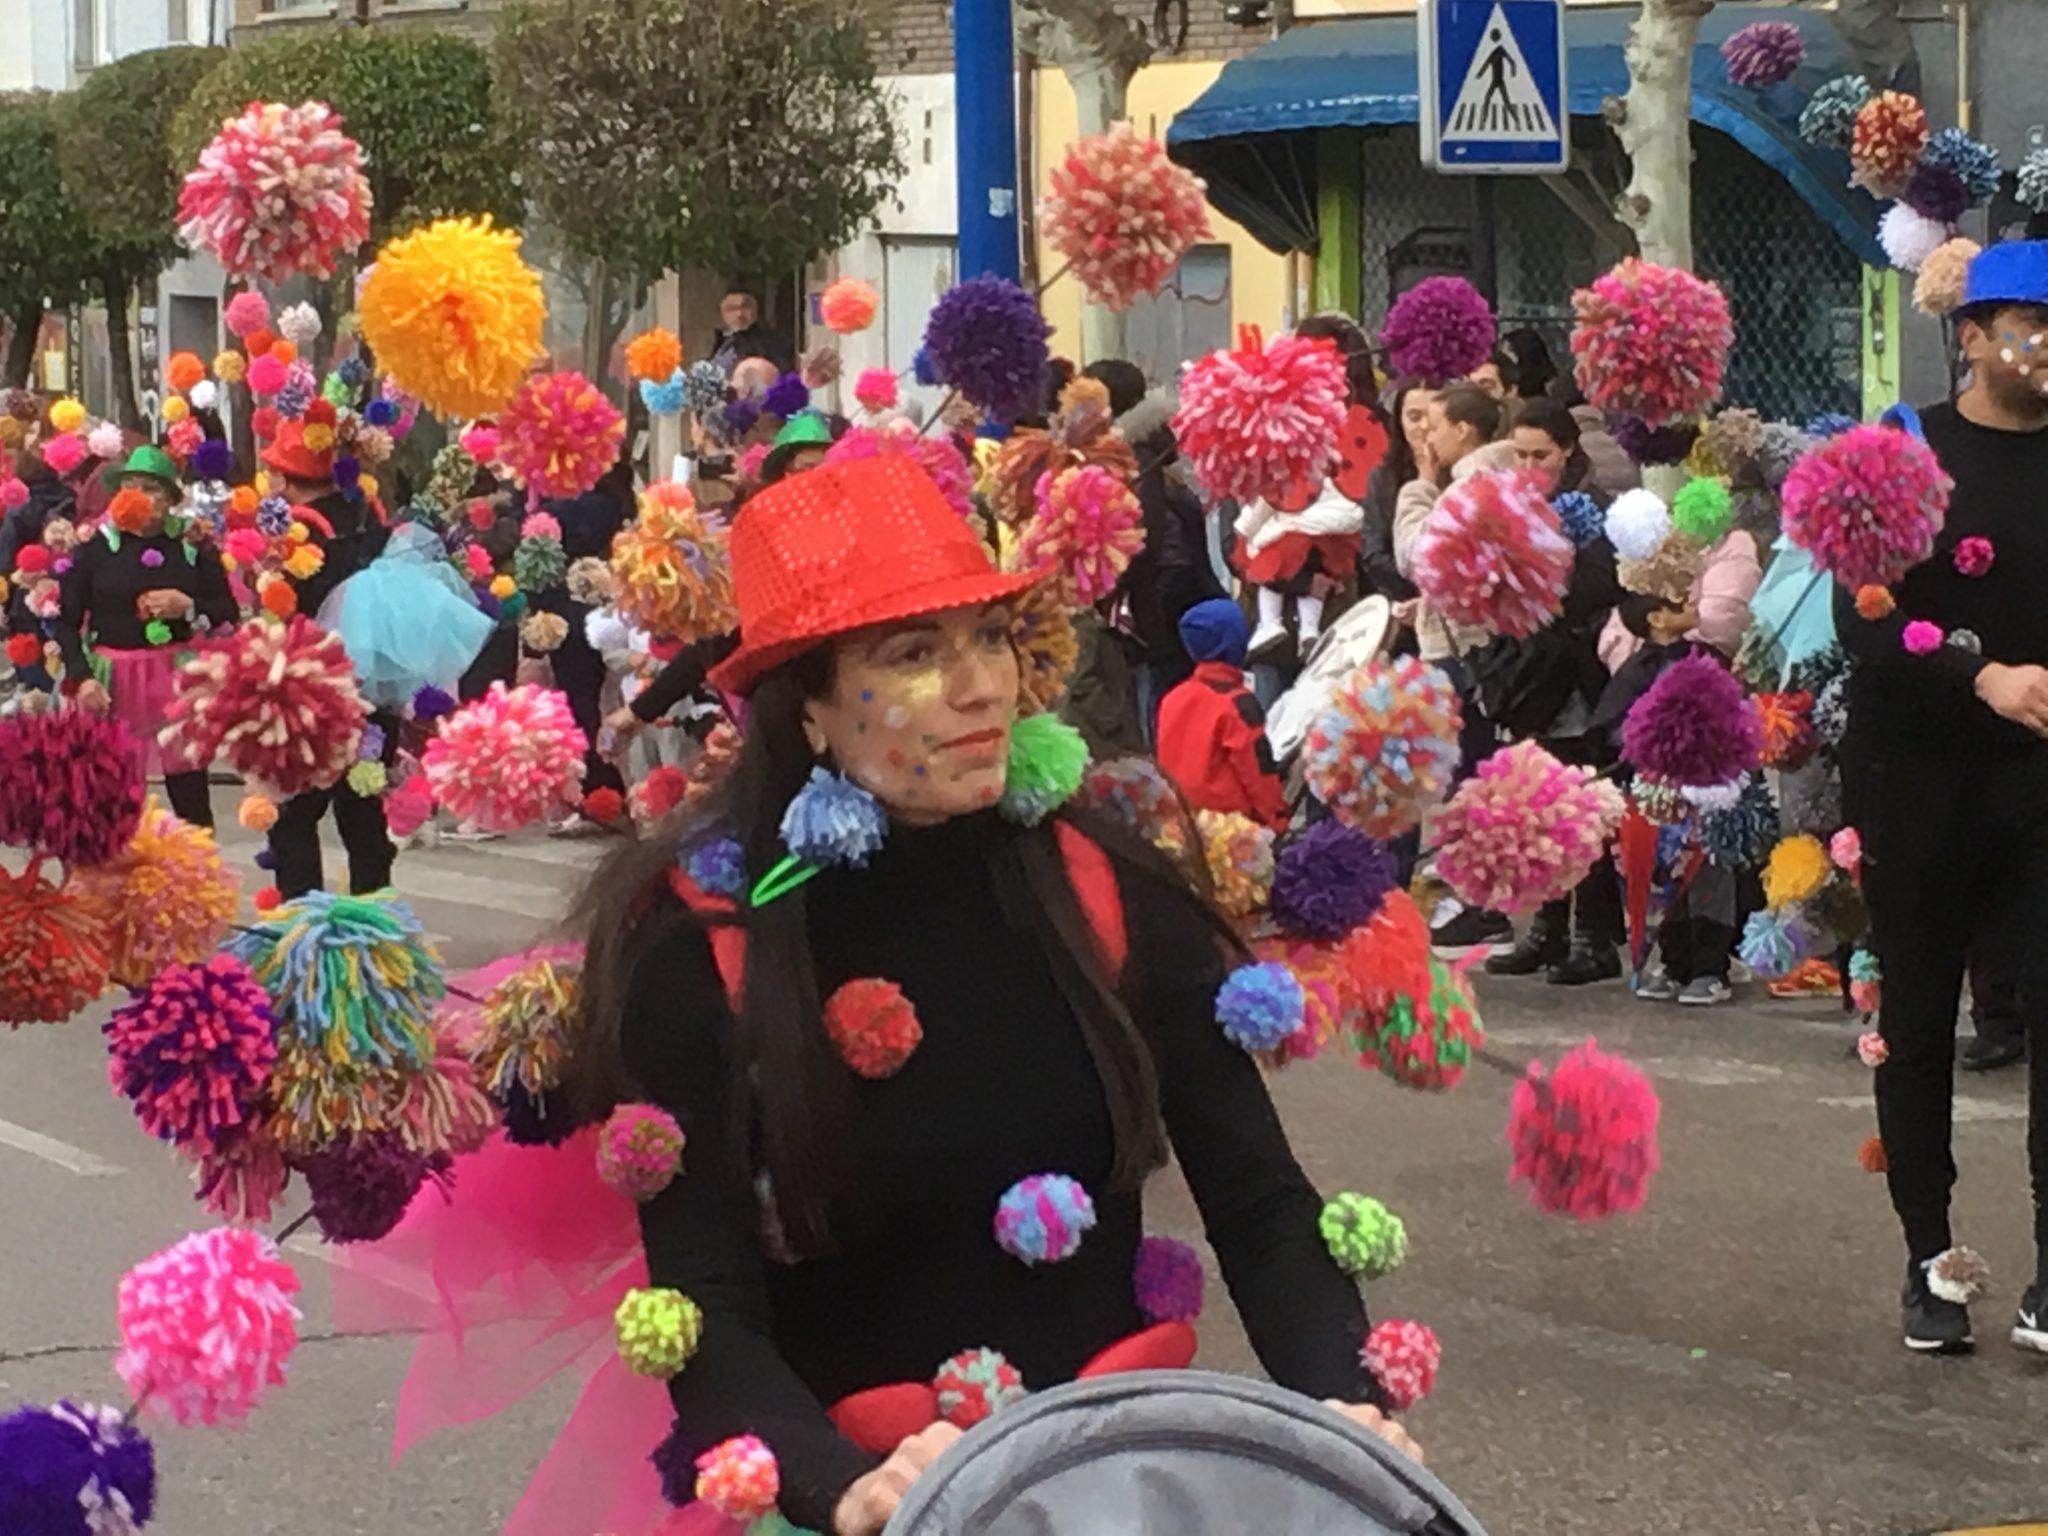 Álbum de fotos del martes de Carnaval 2019 en Ponferrada 34